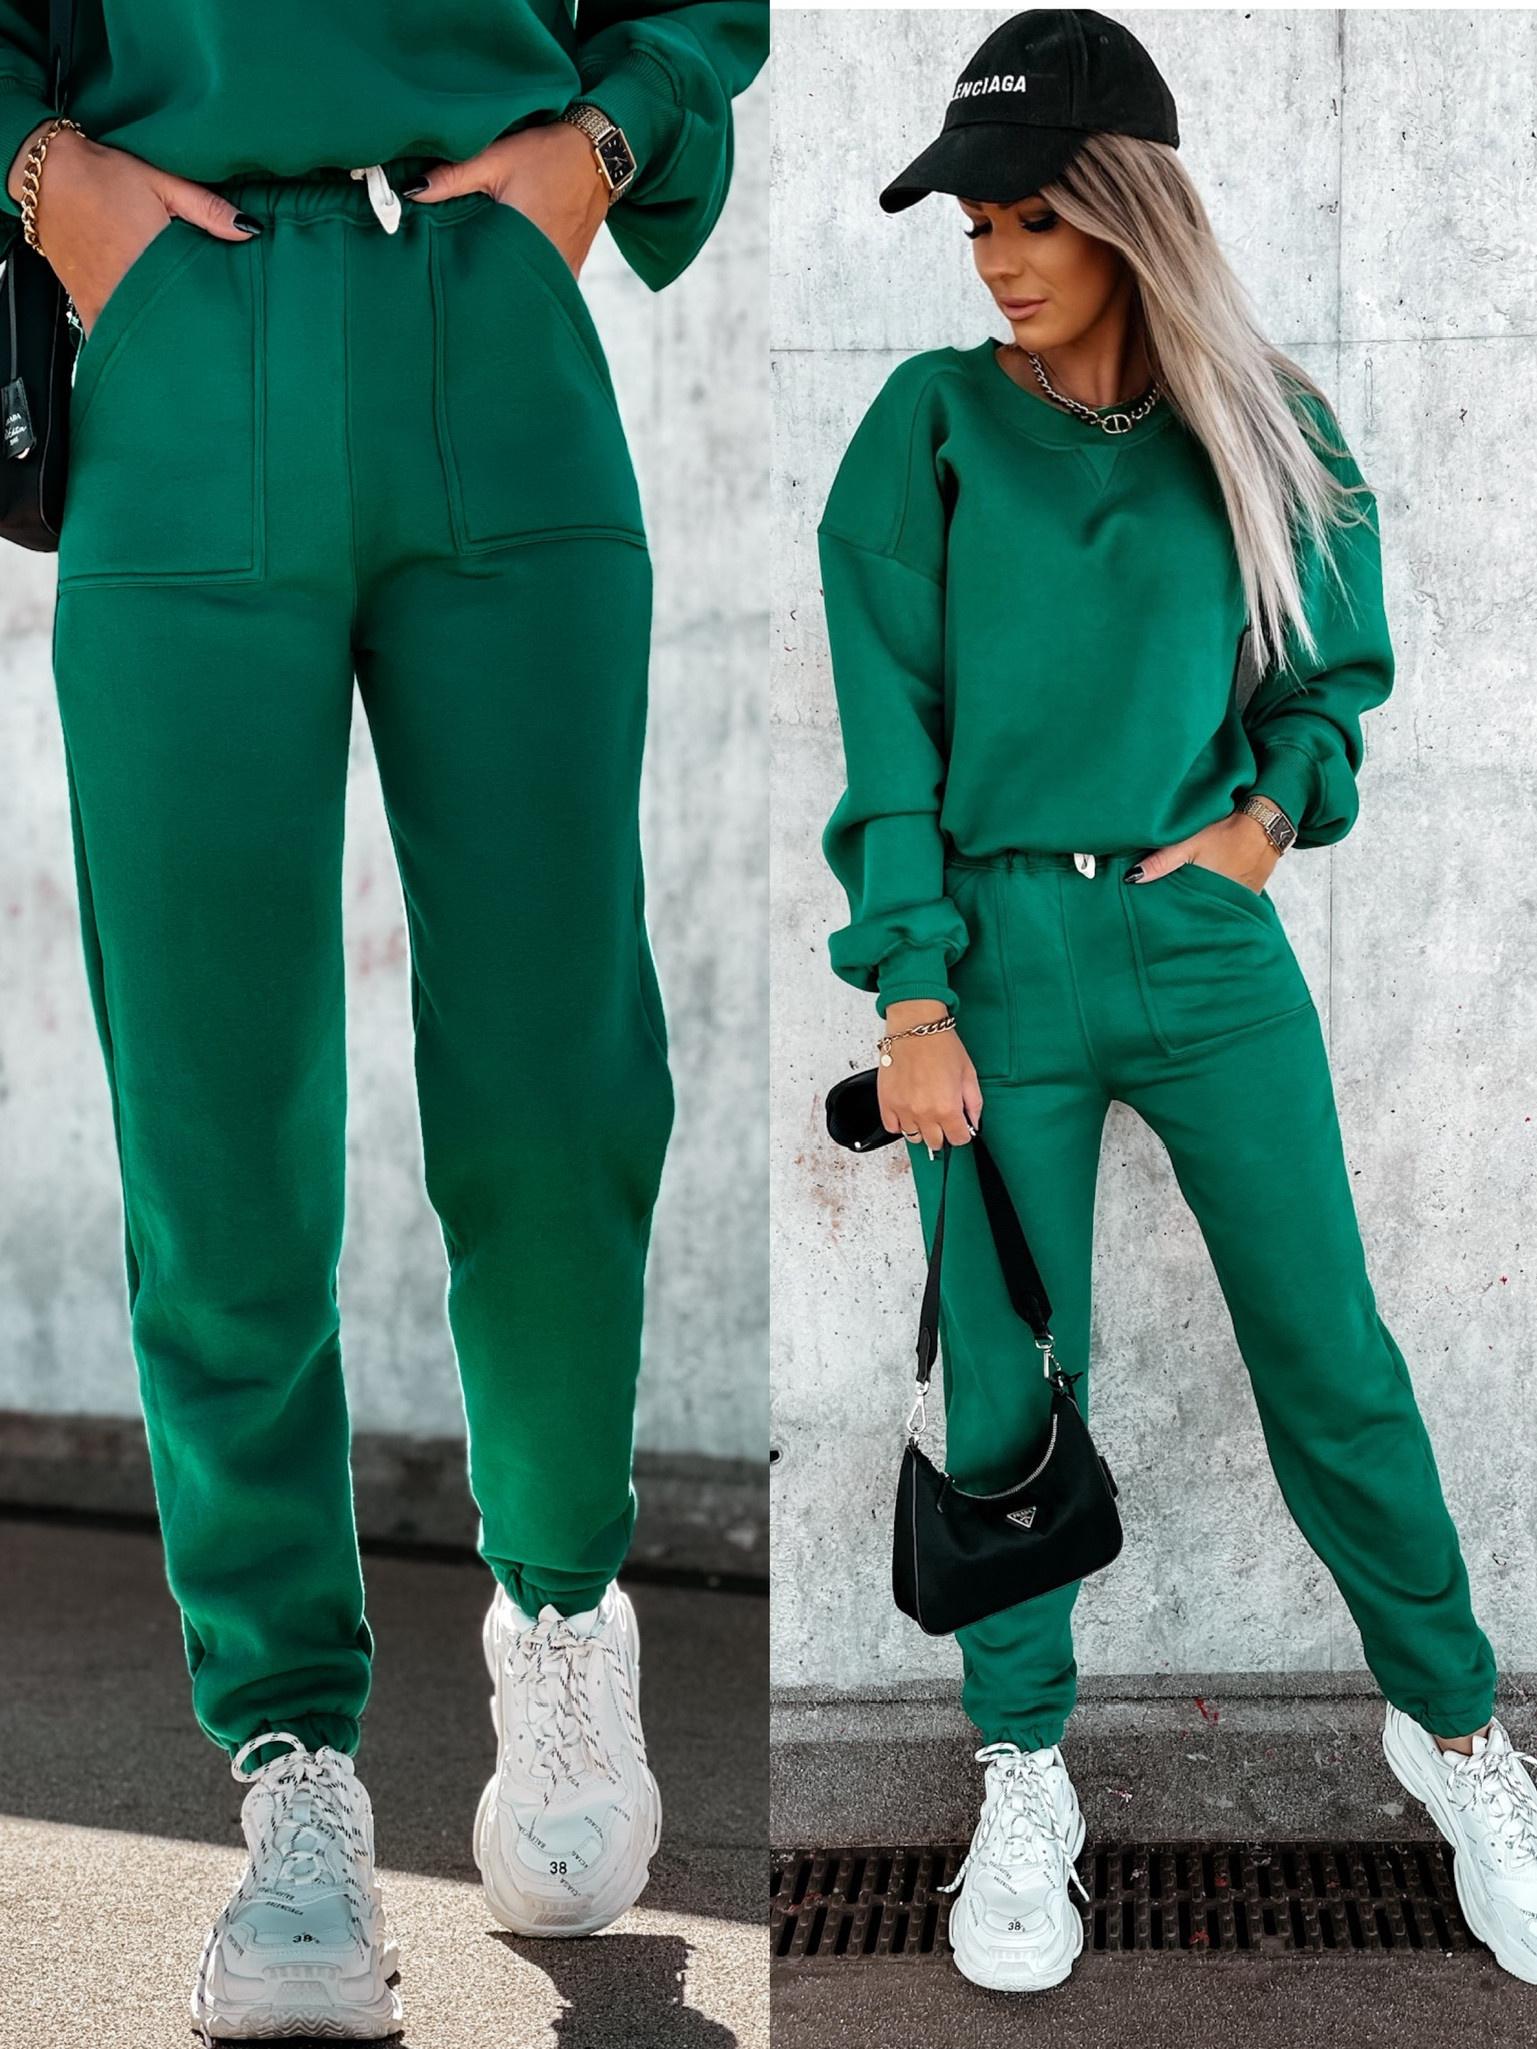 Spodnie Balance by Varlesca green